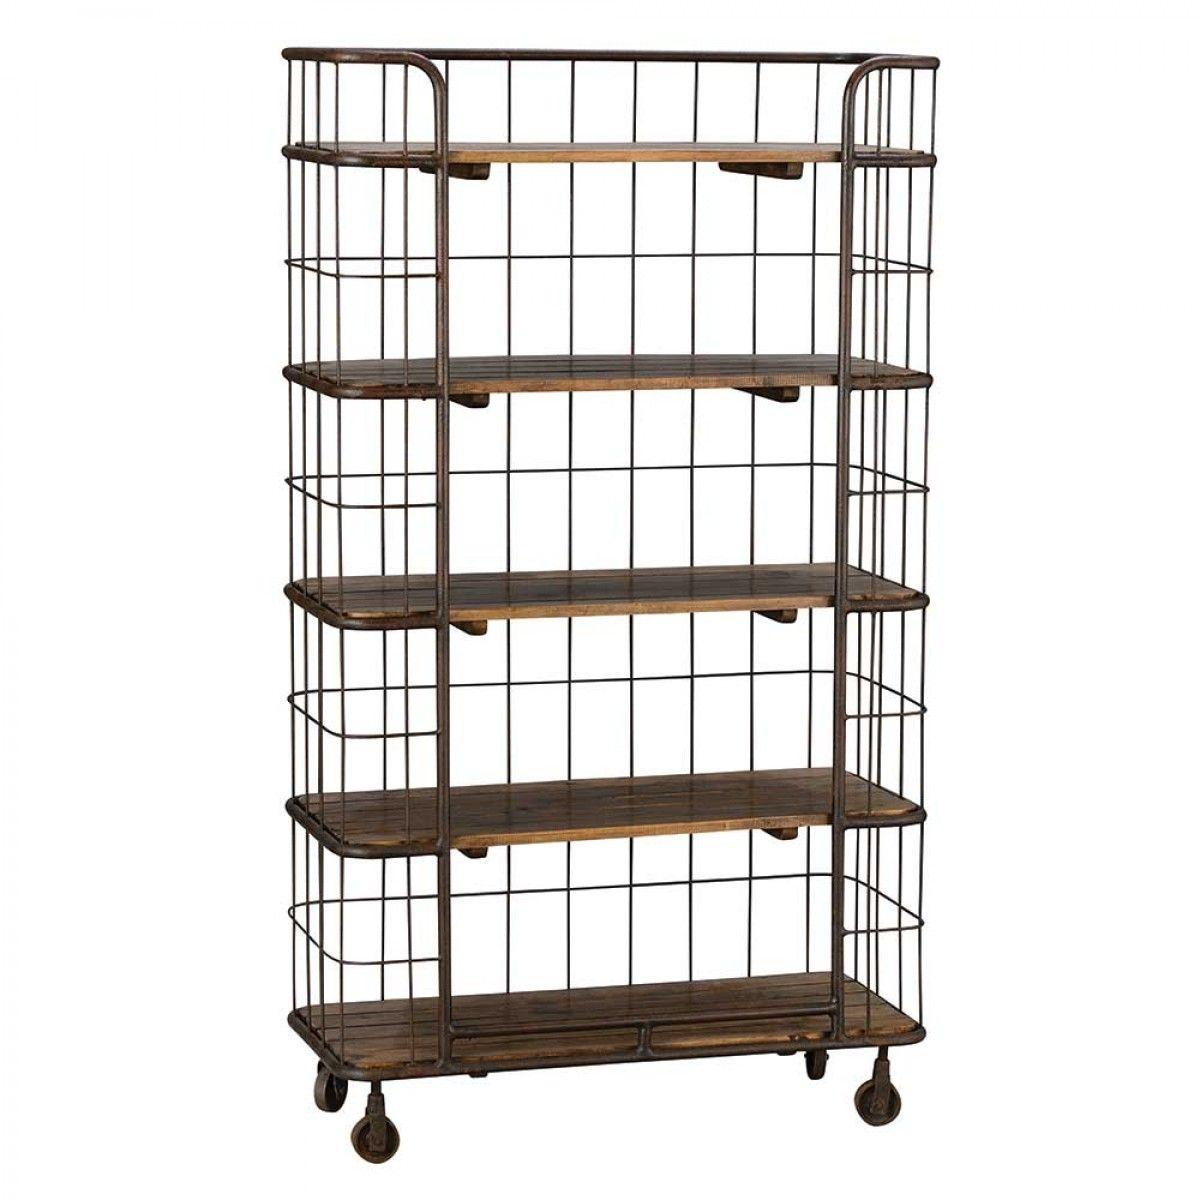 Kitchen shelving units  Raj Bakers Shelving Unit Medium  Bookcases u Shelving  Home Office